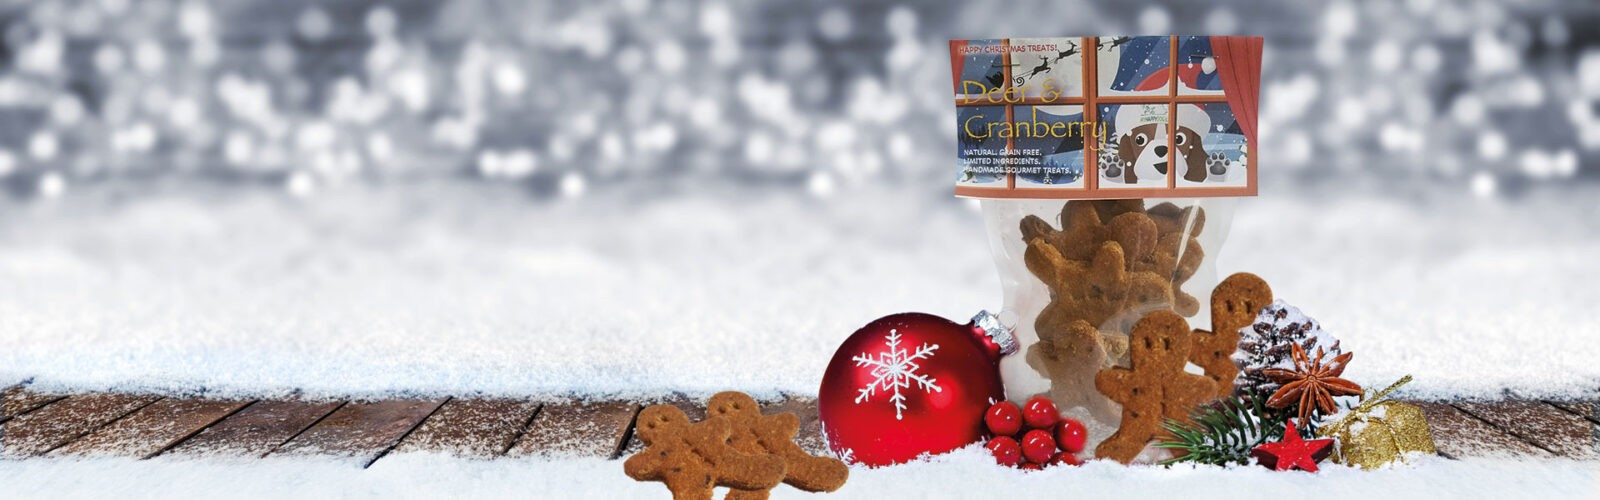 NEW! Christmas flavor!